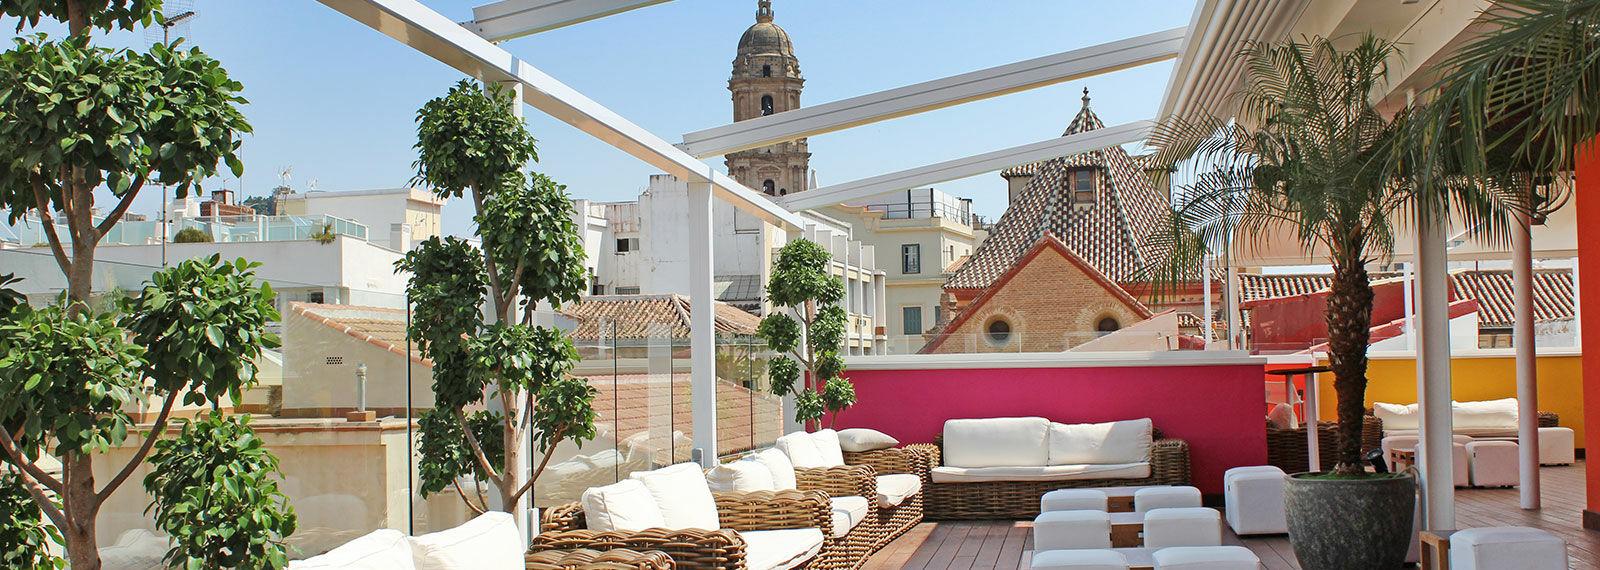 La Terraza De Málaga Premium Hotel Chillout De Diseño Y